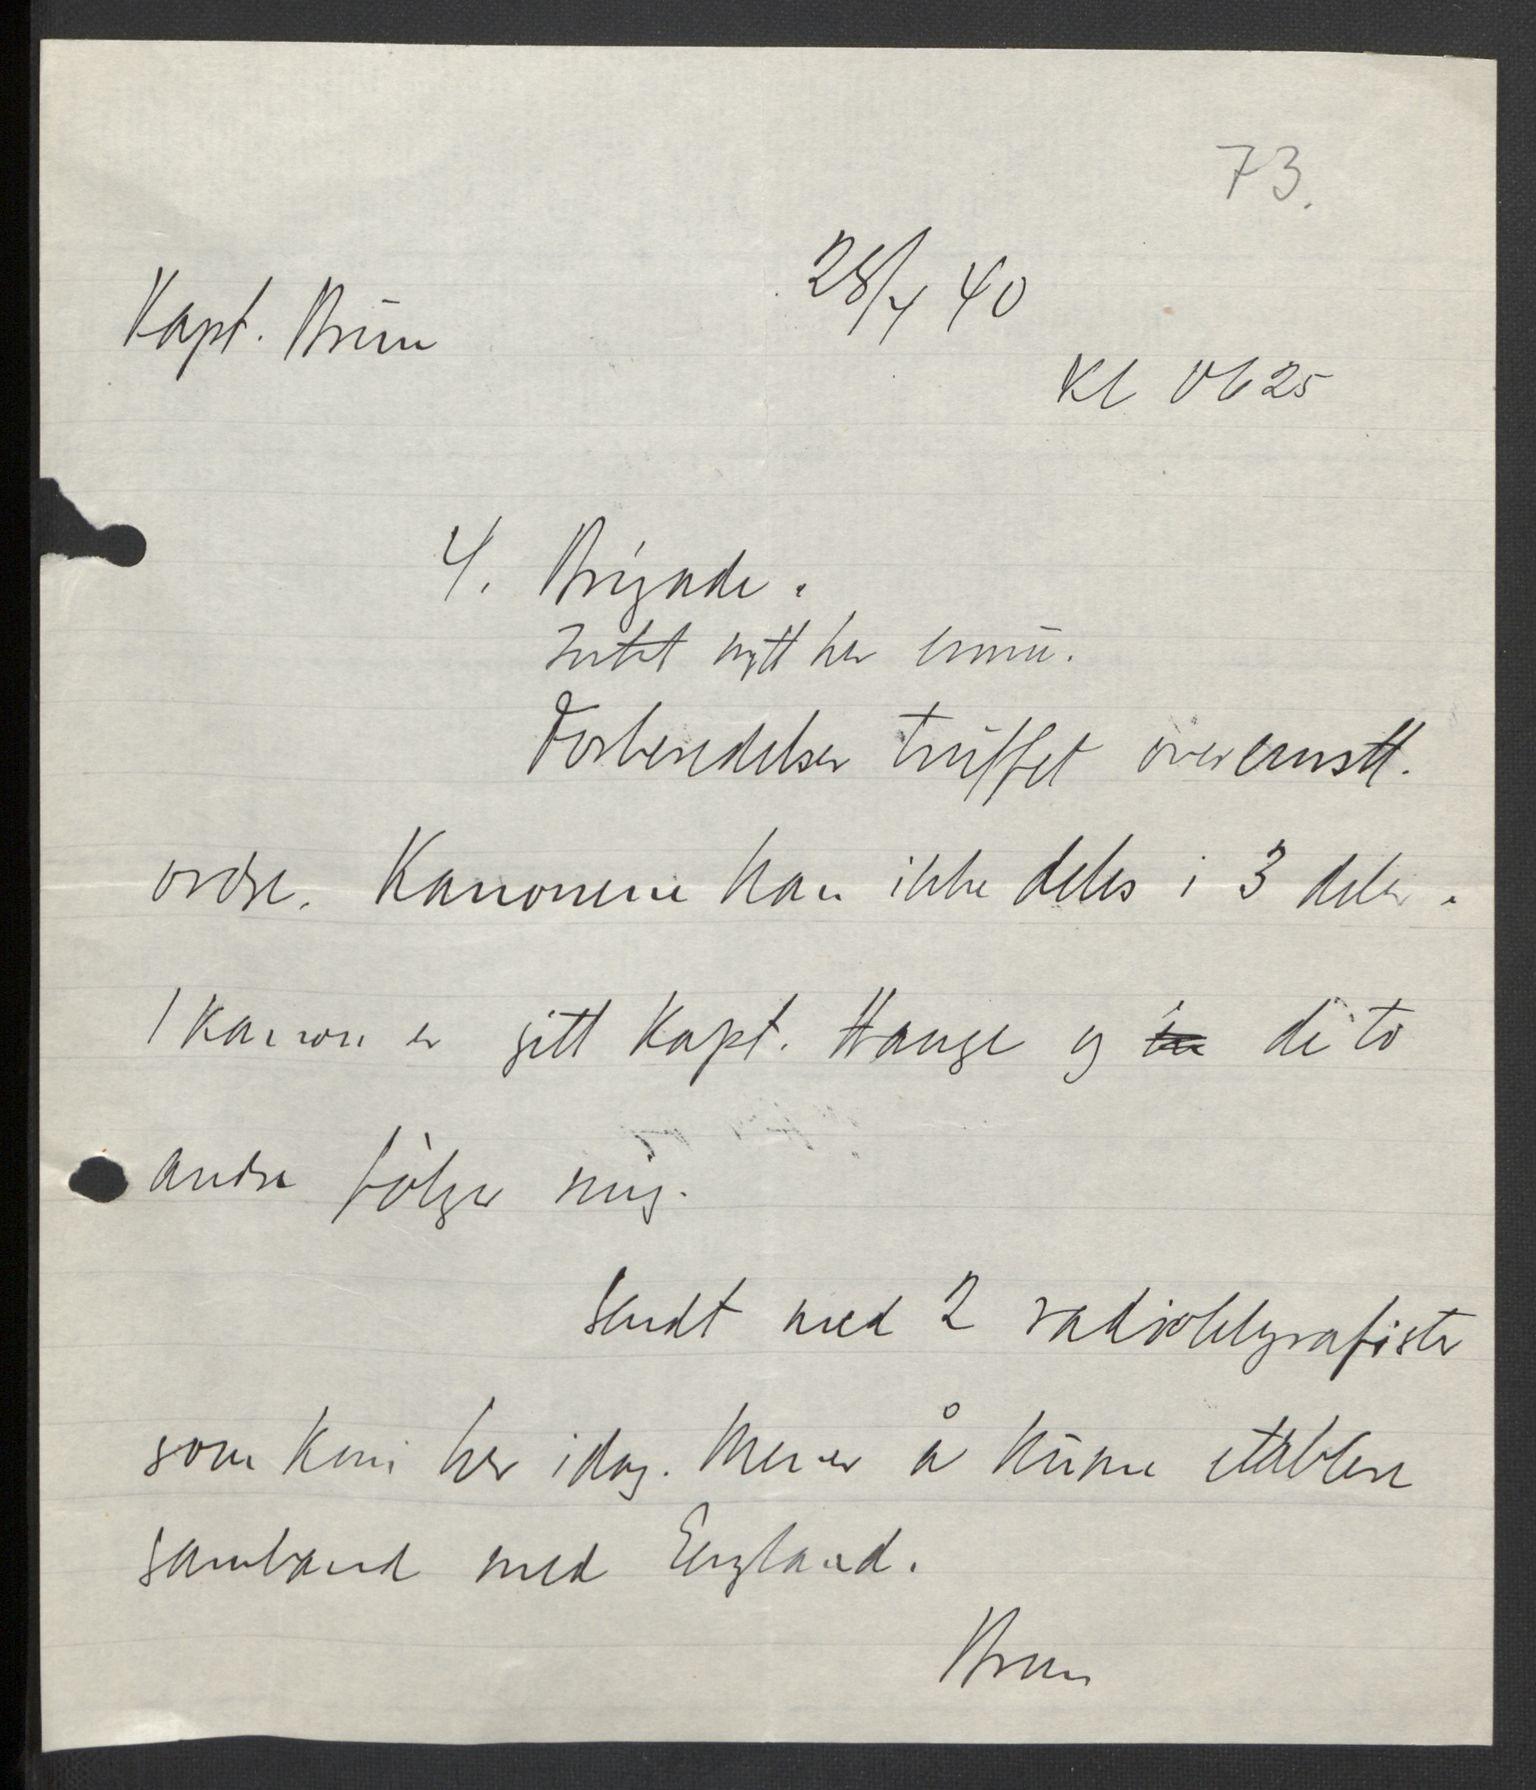 RA, Forsvaret, Forsvarets krigshistoriske avdeling, Y/Yb/L0104: II-C-11-430  -  4. Divisjon., 1940, s. 172